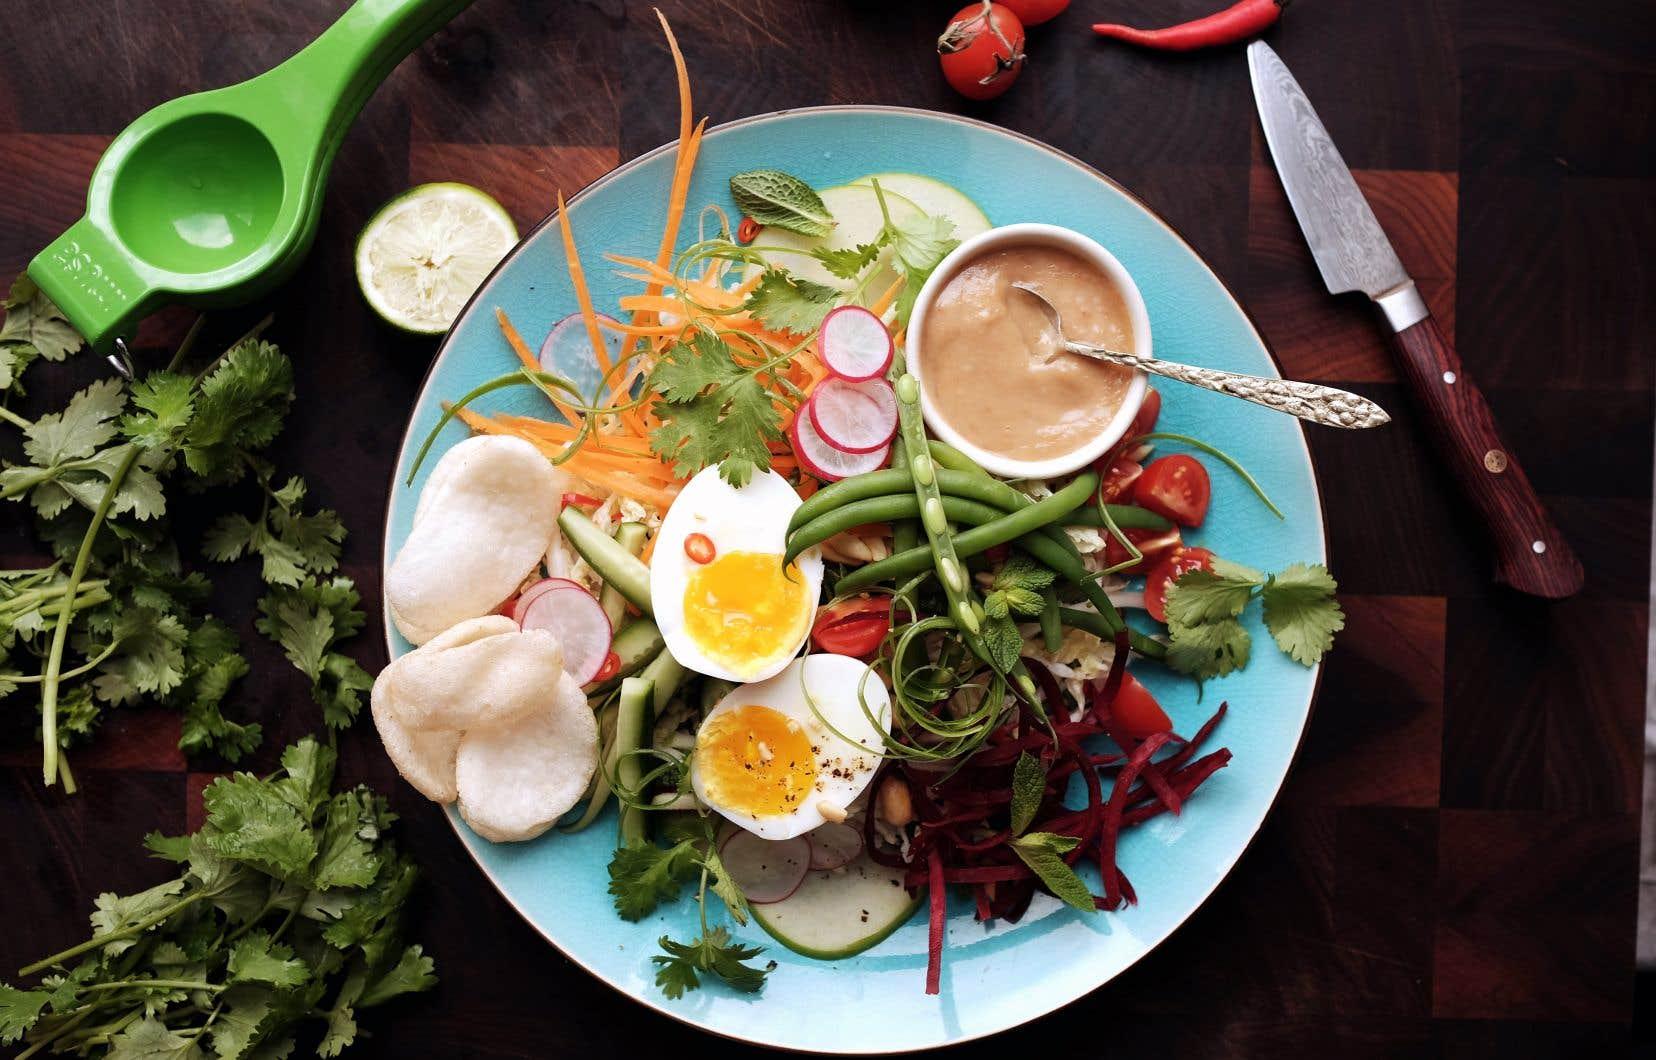 Déposer les œufs et garnir d'un quartier de lime et d'arachides hachées.